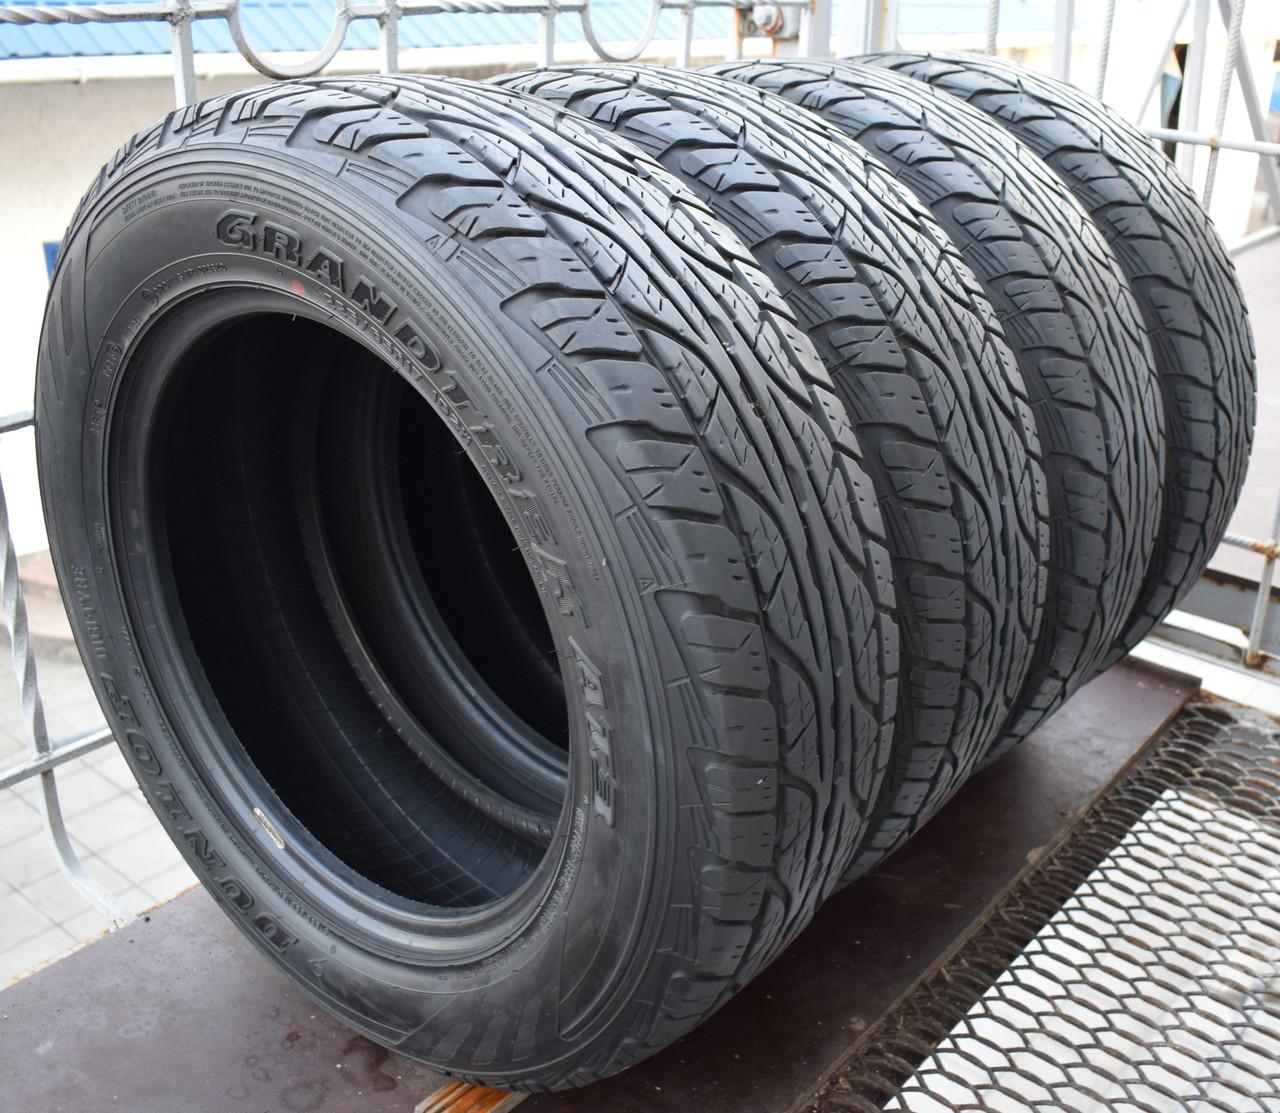 Шины б/у 225/65 R17 Dunlop GrandTrek AT3, 6 мм, 2016 г., комплект